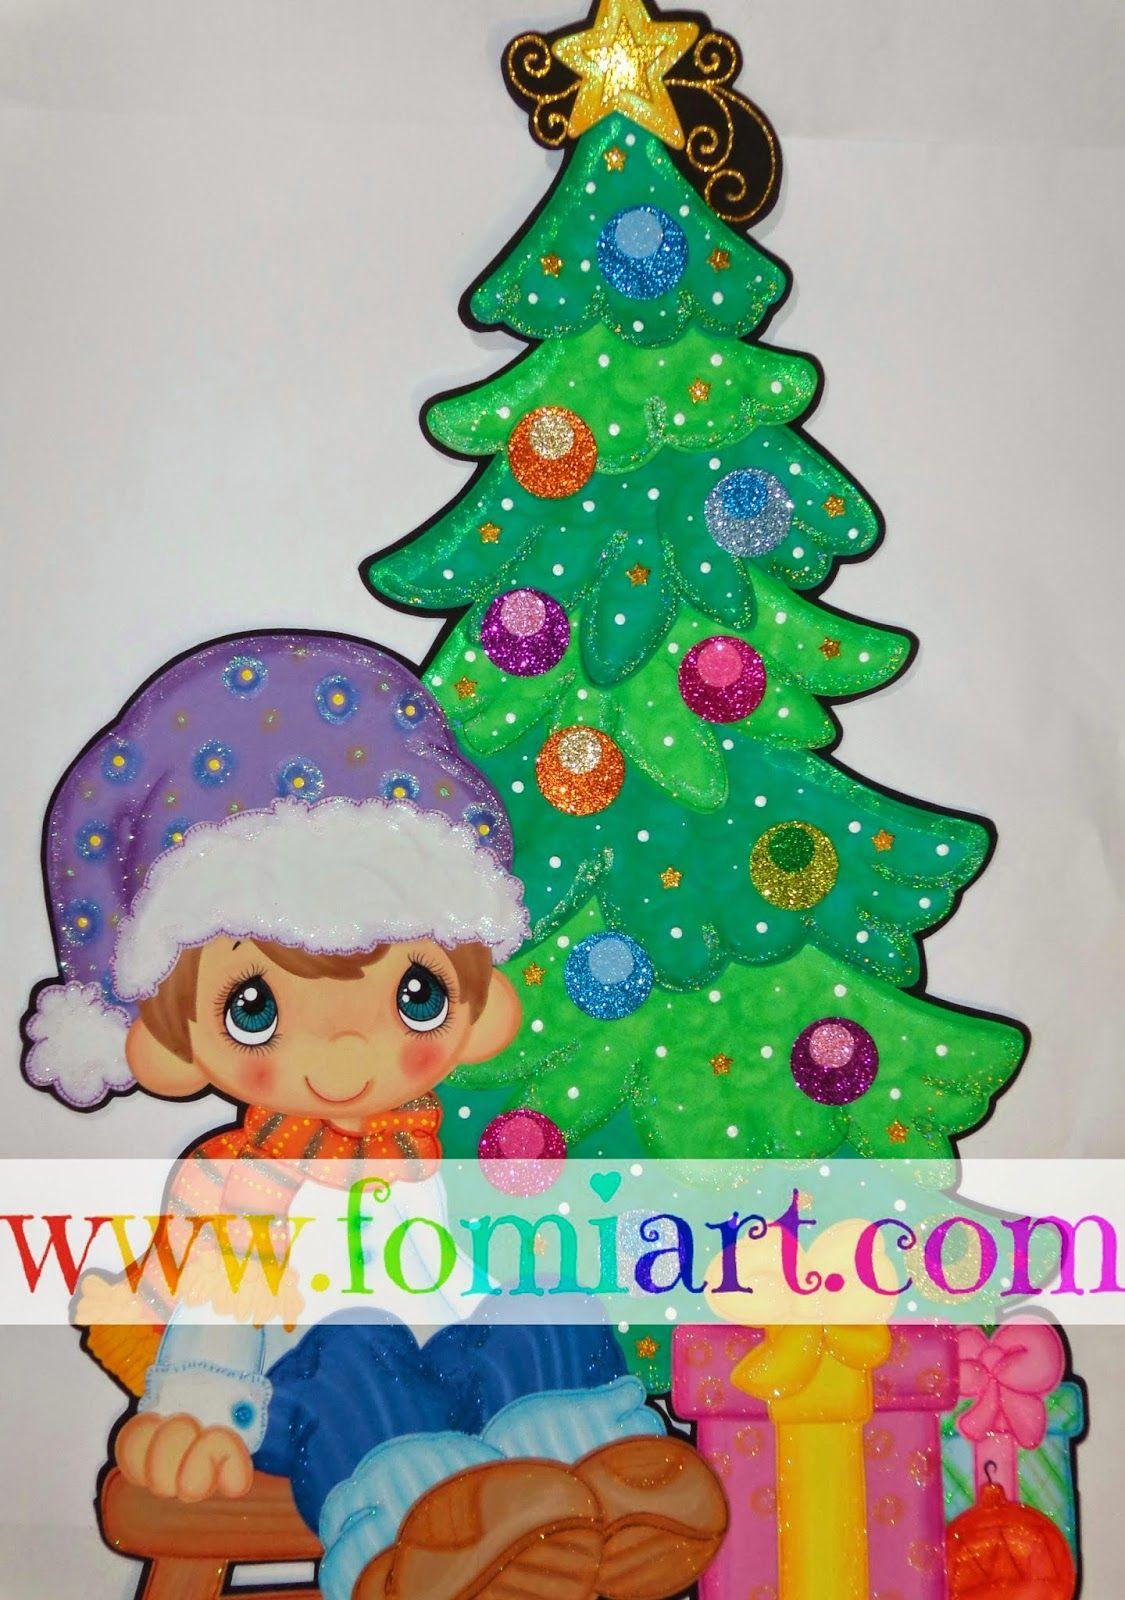 Fomiart+Diciembre+Arbol+de+Navidad+CON+NIÑO.jpg (1125×1600 ...